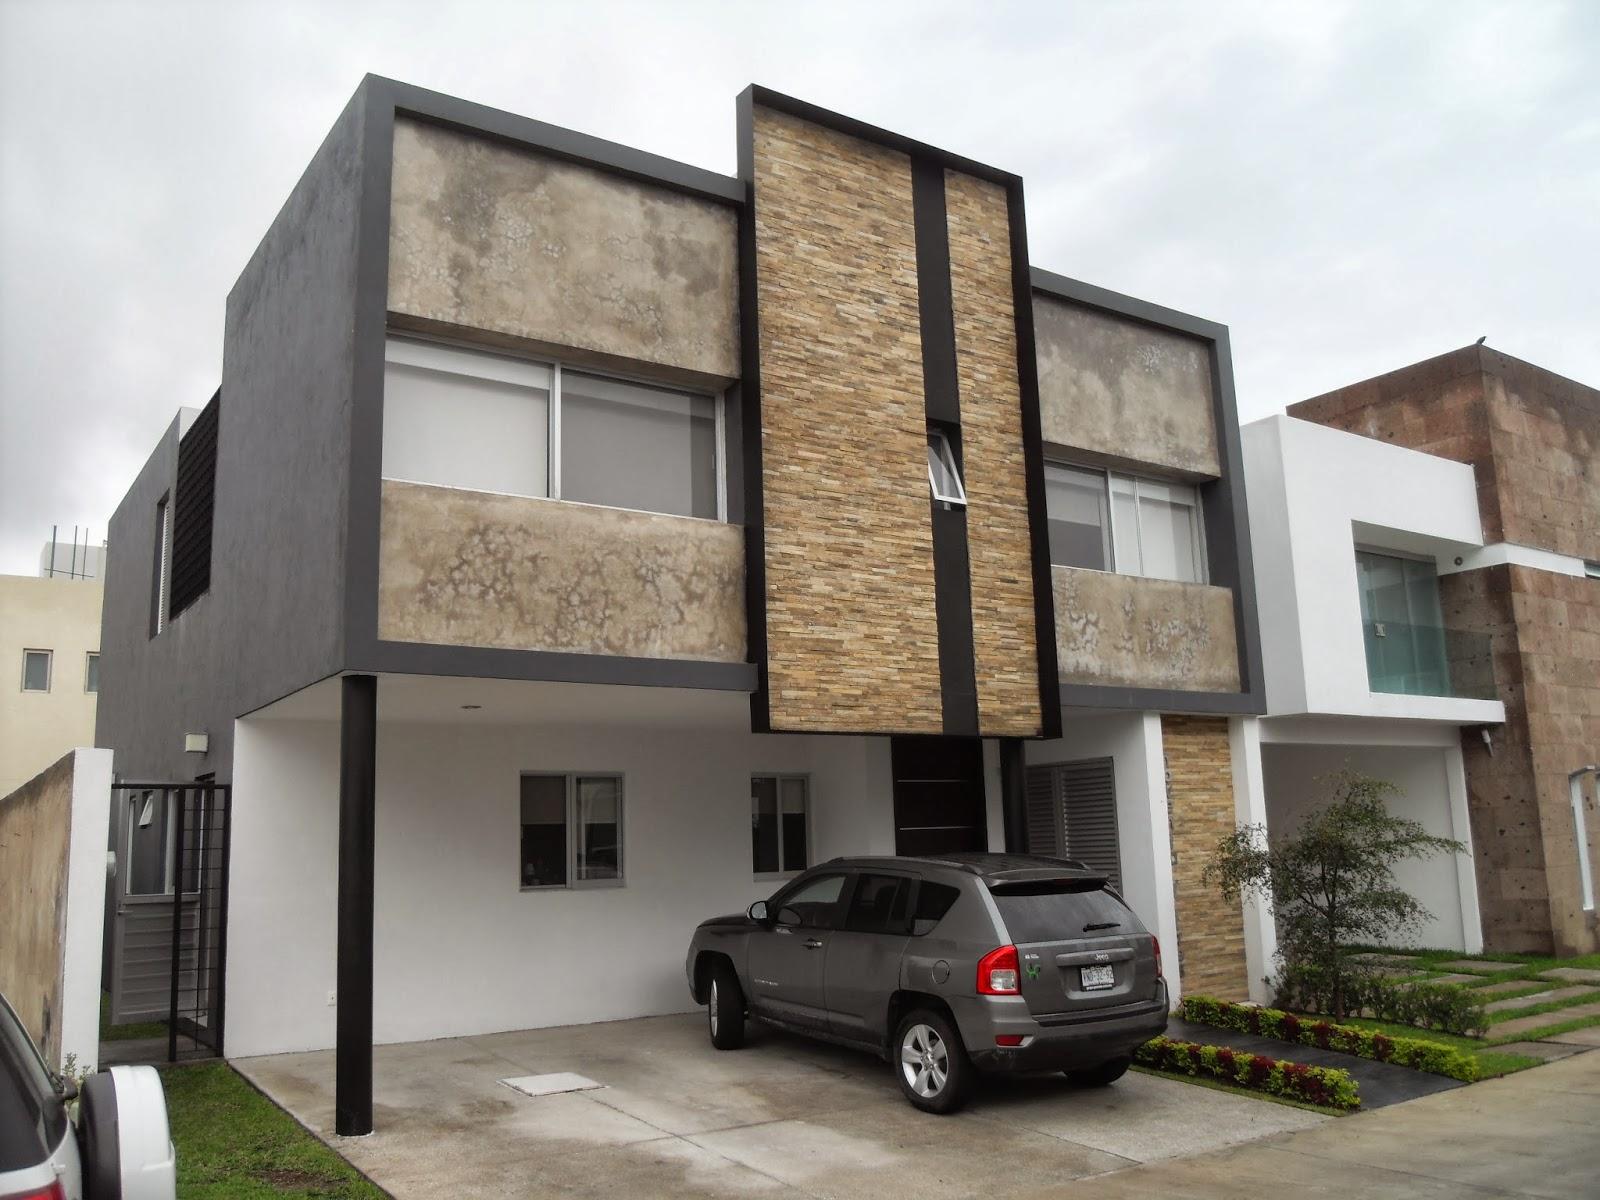 Instalacion fachada solares 93 la piedra de occidente - Precio de piedra para fachada ...